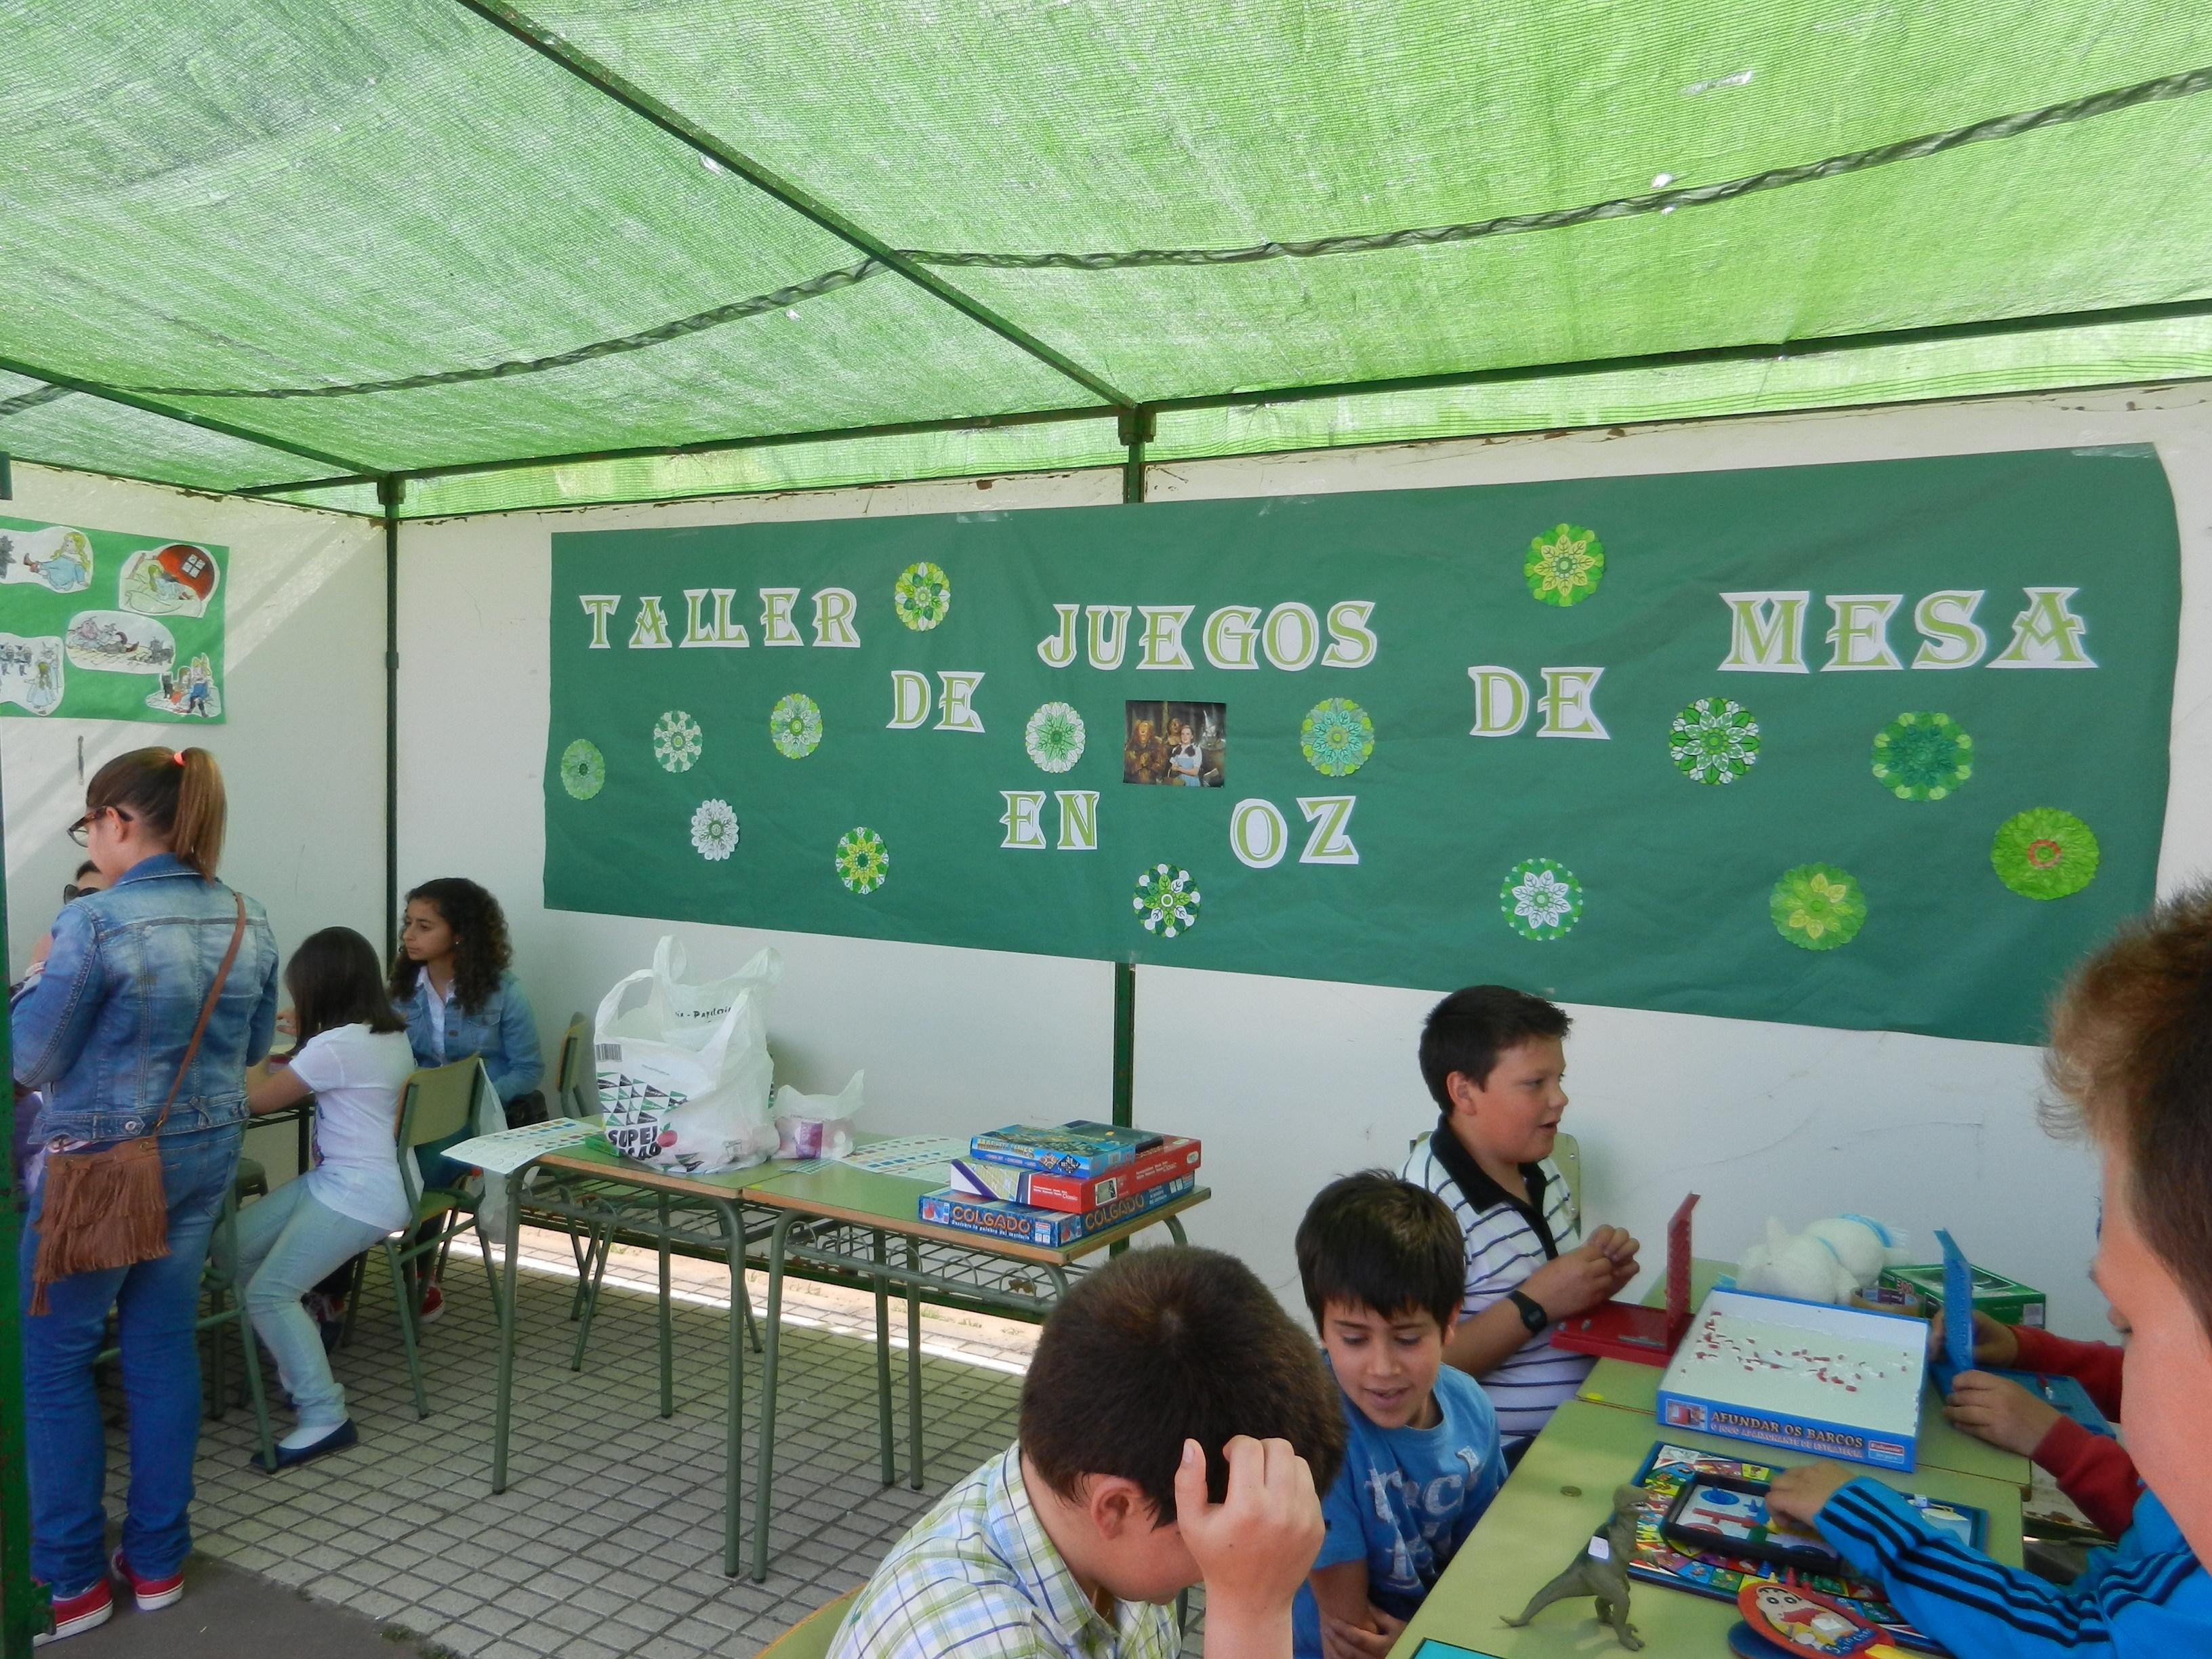 Los alumnos participan en los talleres propuestos